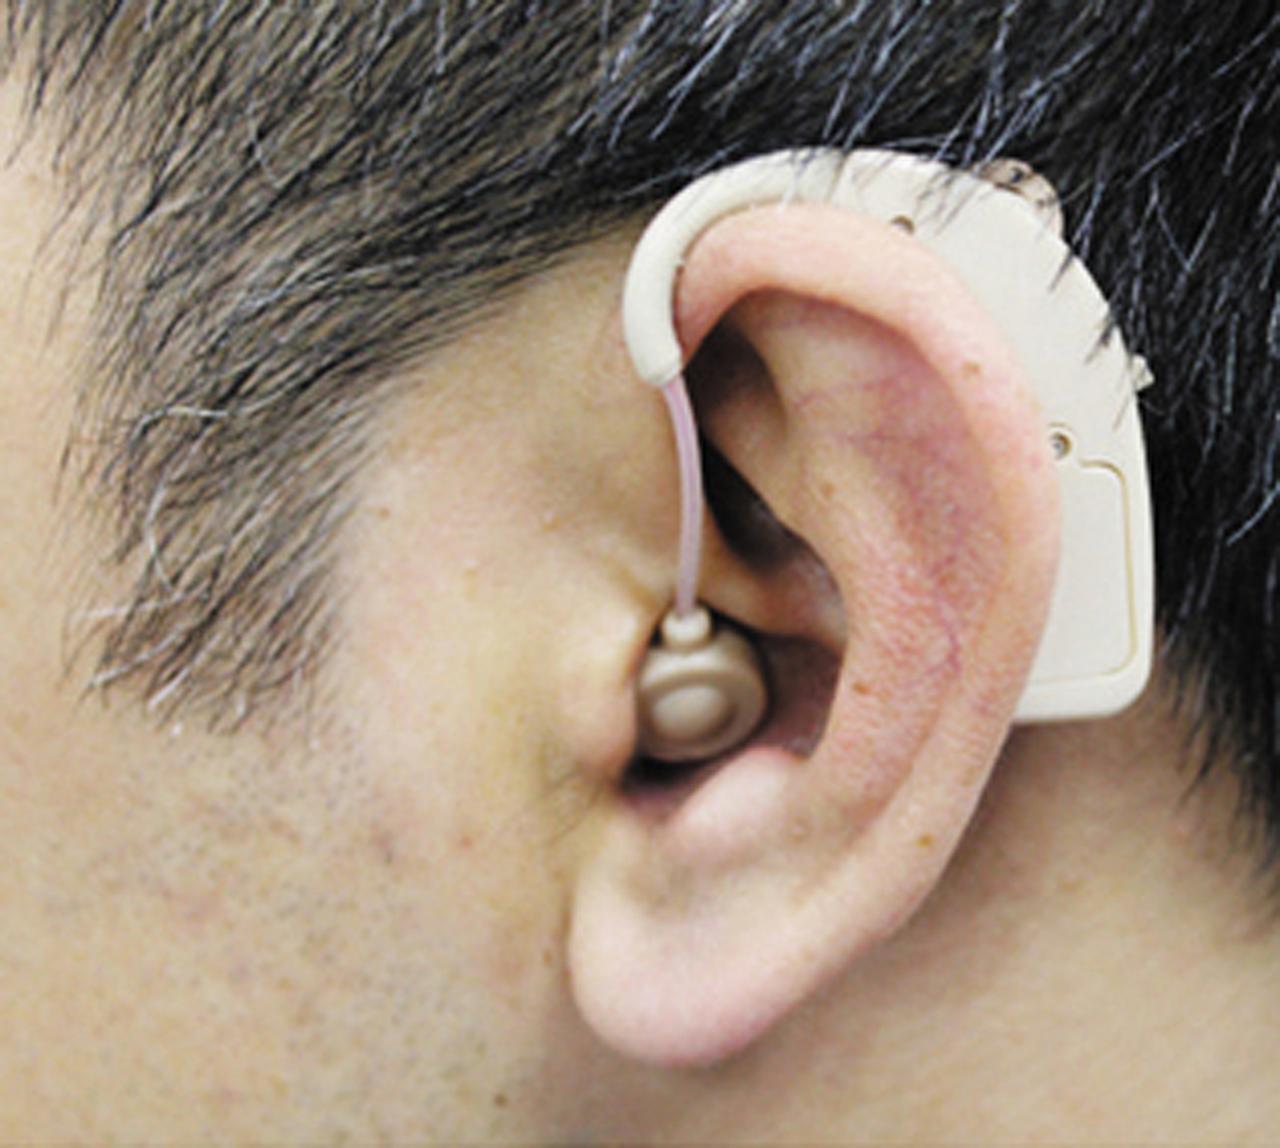 画像: 耳にかけた状態。本体が少し耳からはみ出してしまうサイズだ。